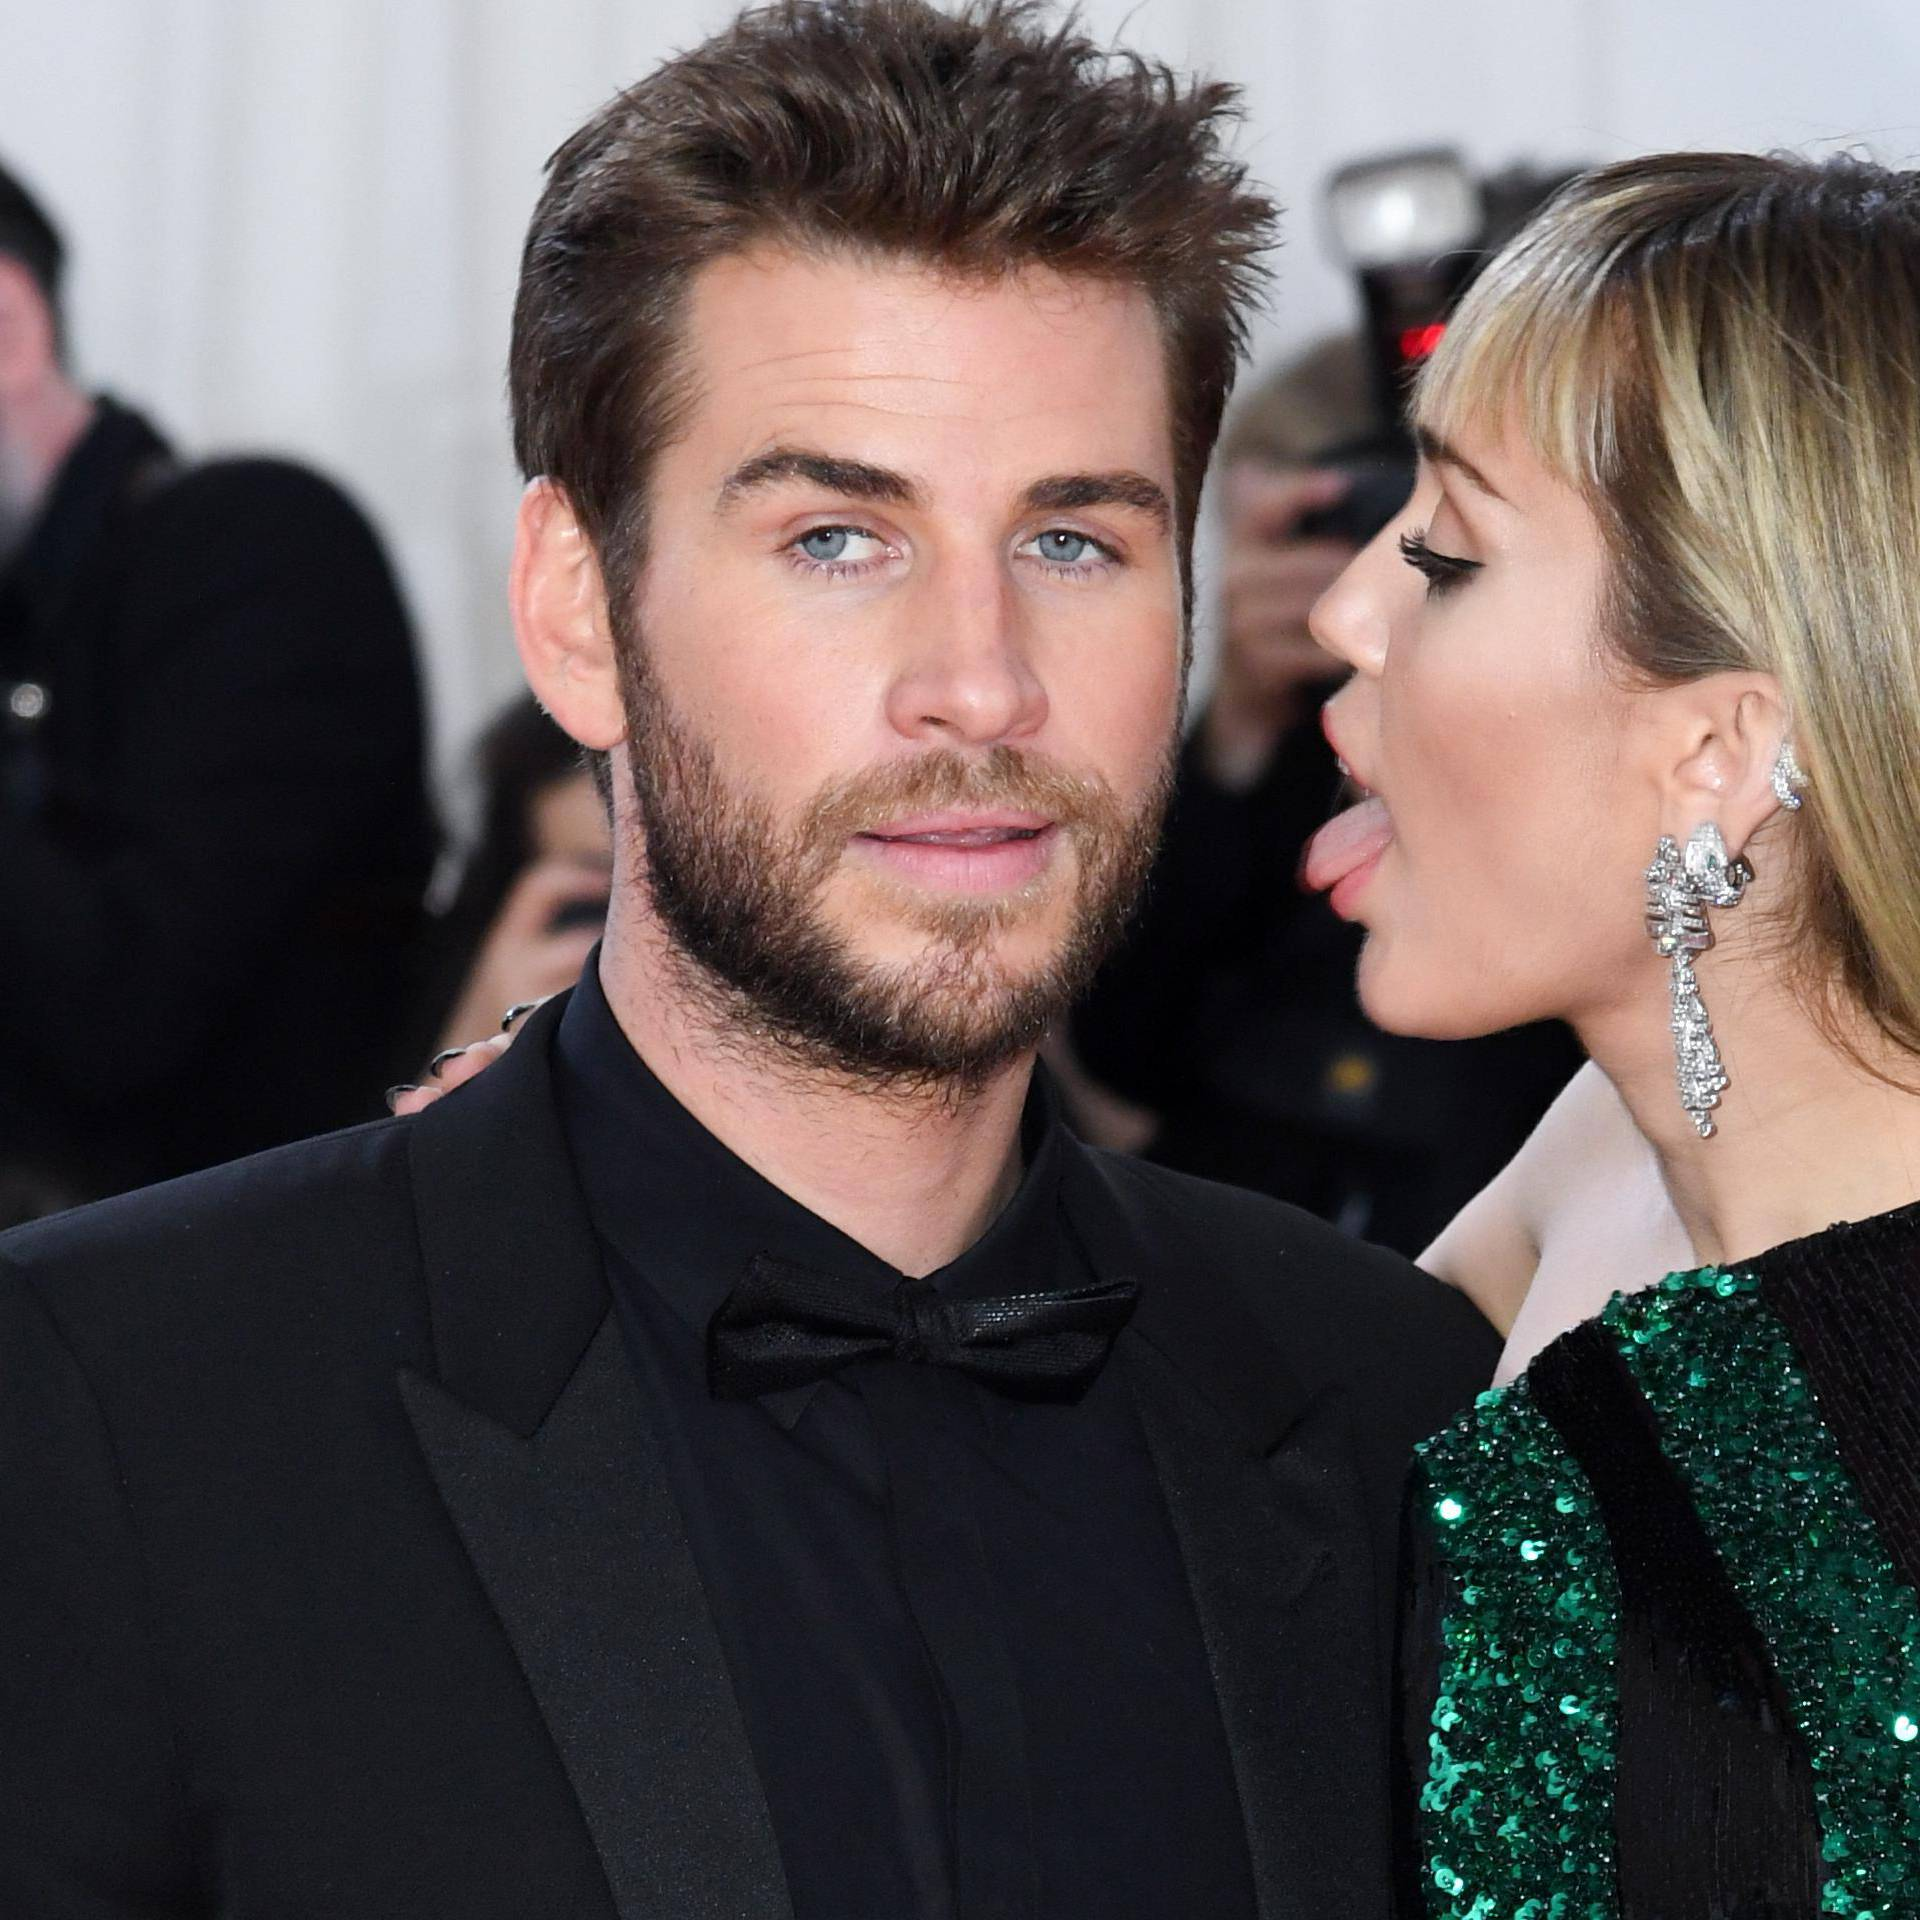 Ipak je privlače žene: Cyrus se razvodi nakon 8 mjeseci braka